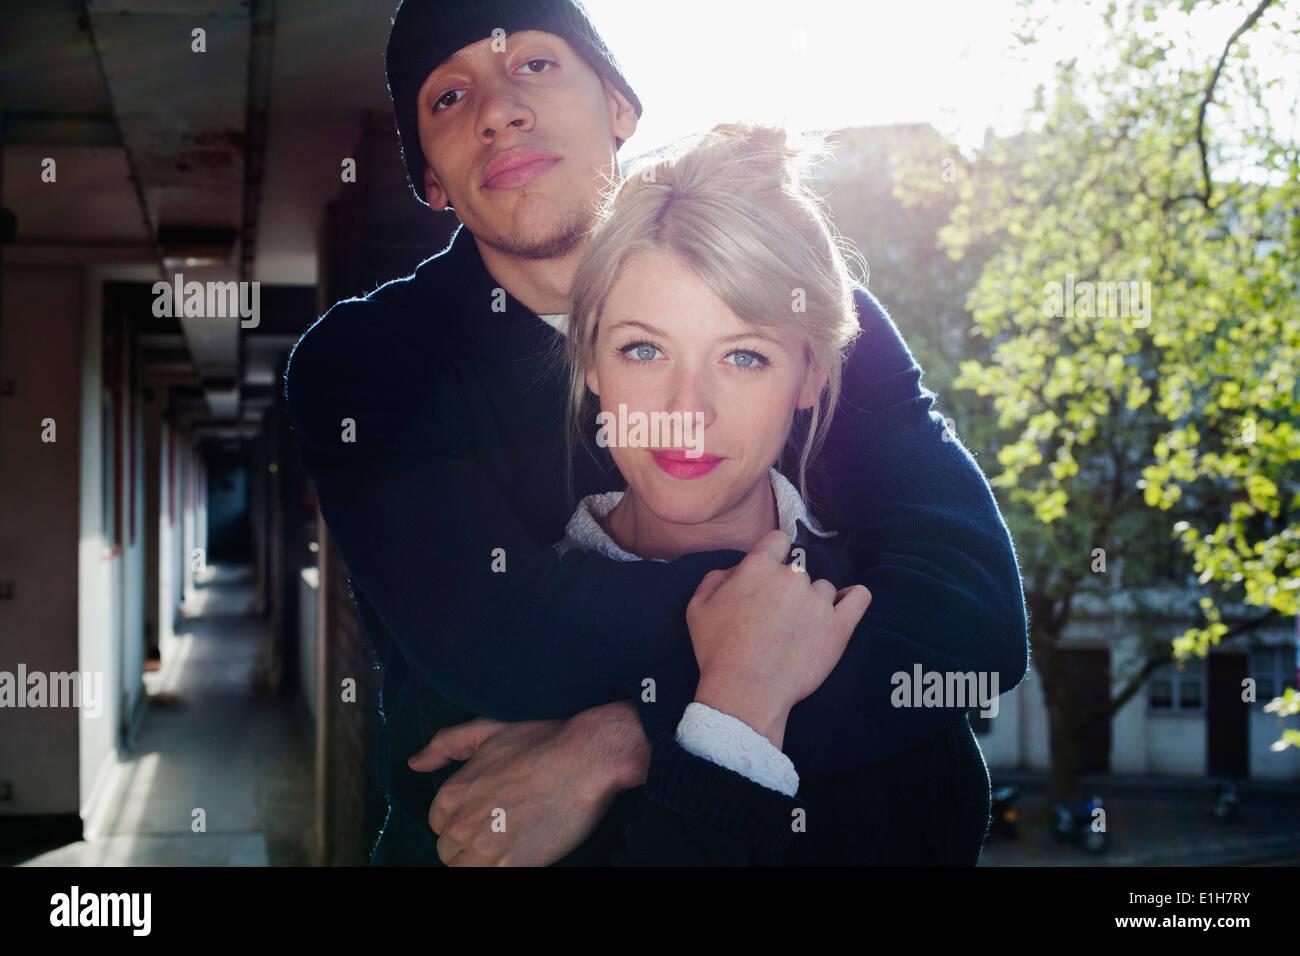 Junges Paar mit Arm herum, im Wohnblock, London, UK Stockbild